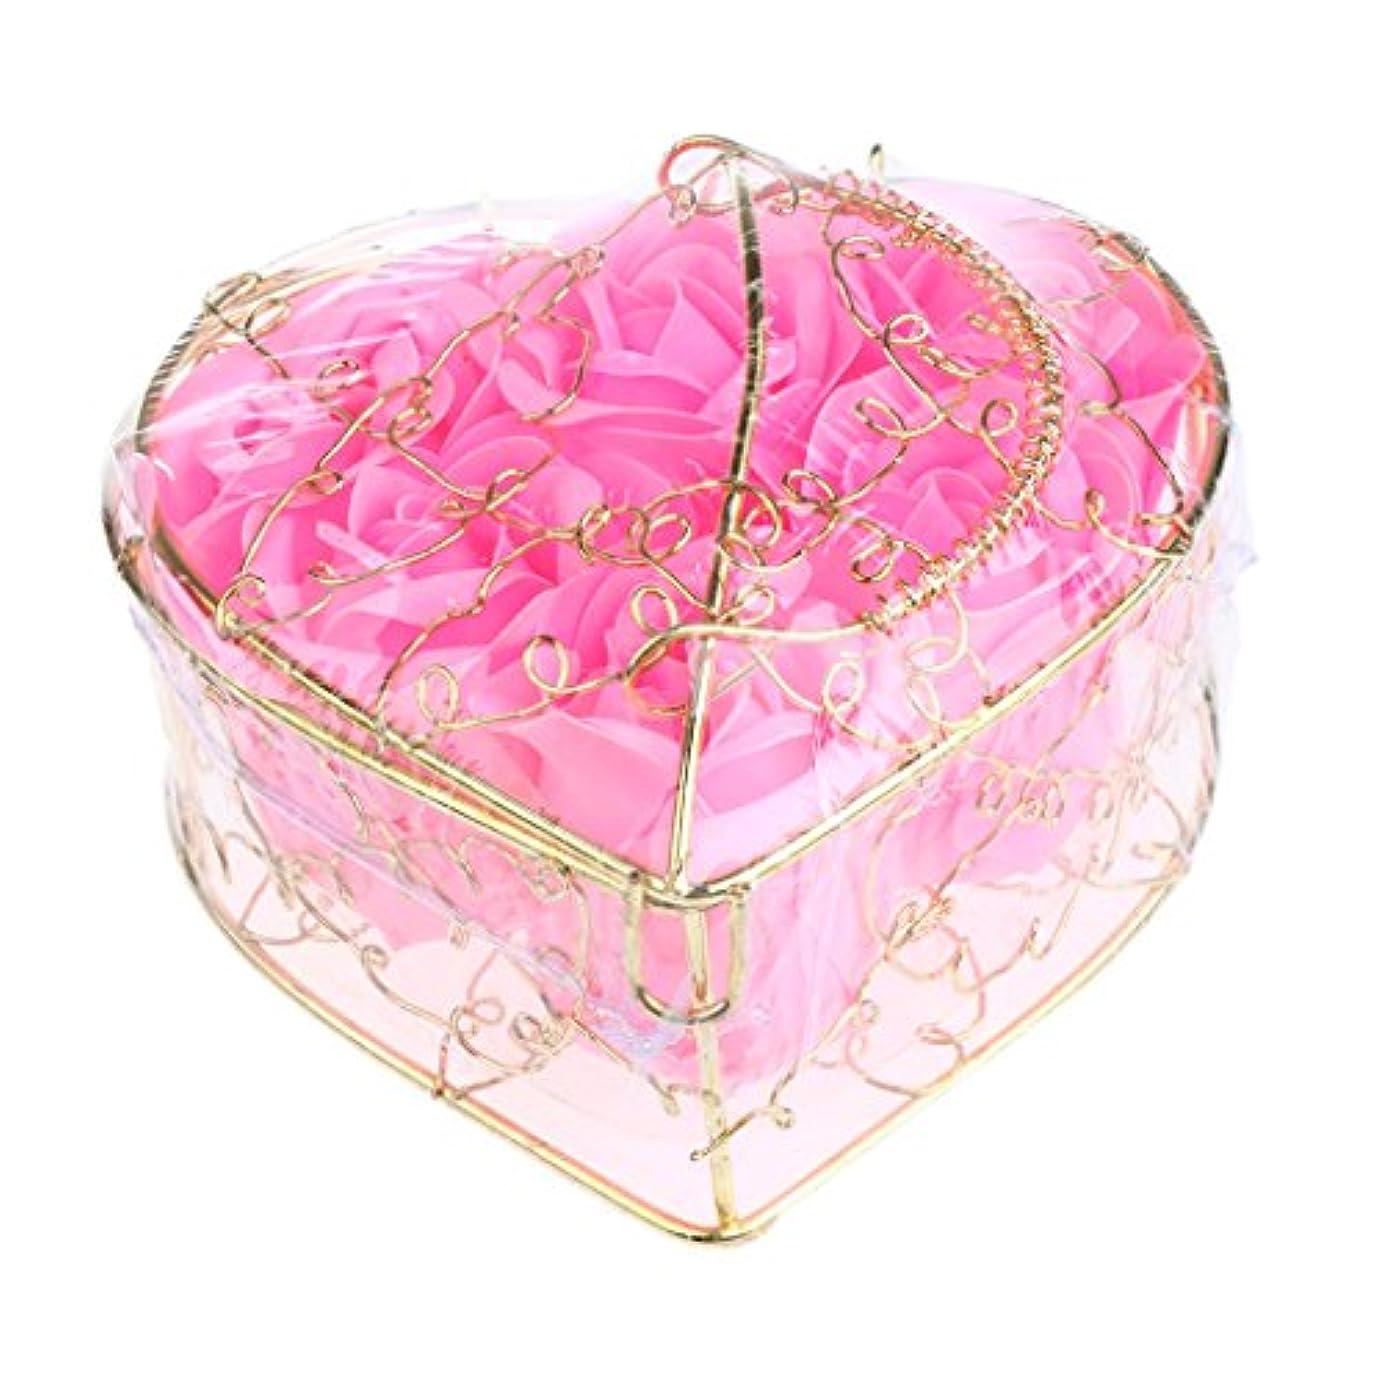 努力信頼性危険な6個 石鹸の花 母の日 プレゼント 石鹸 お花 枯れないお花 心の形 ギフトボックス プレゼント 全5仕様選べる - ピンク